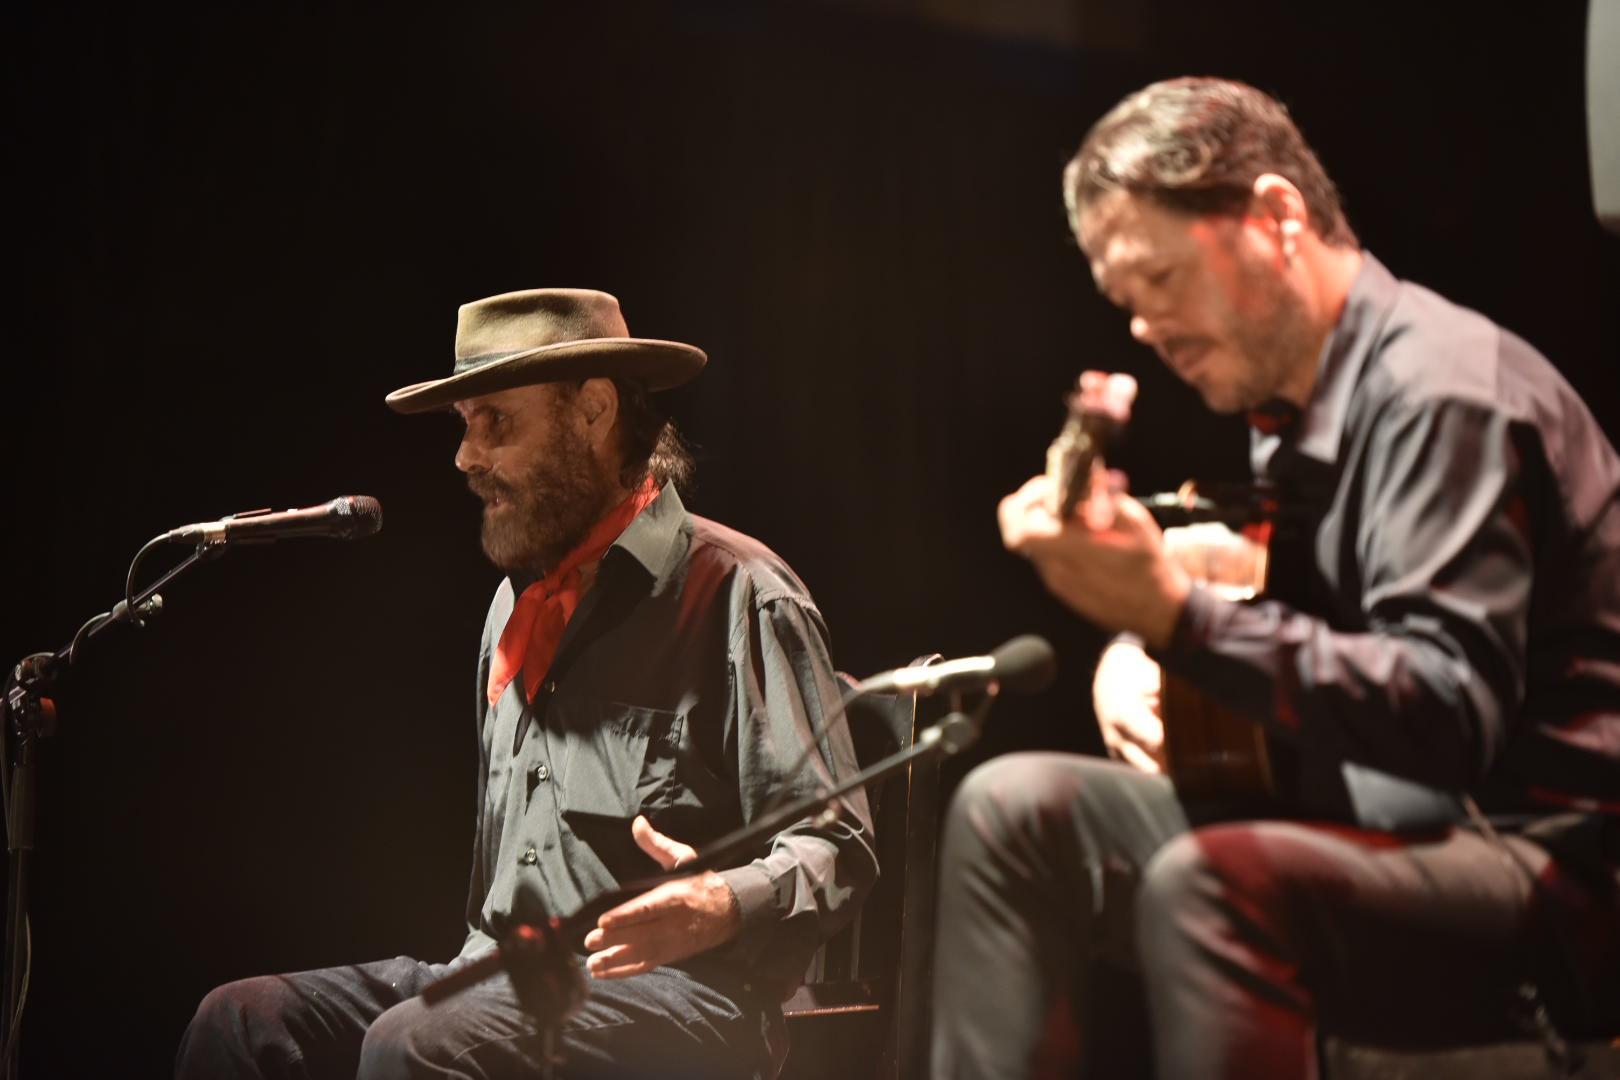 El Cabrero & Manuel Herrera